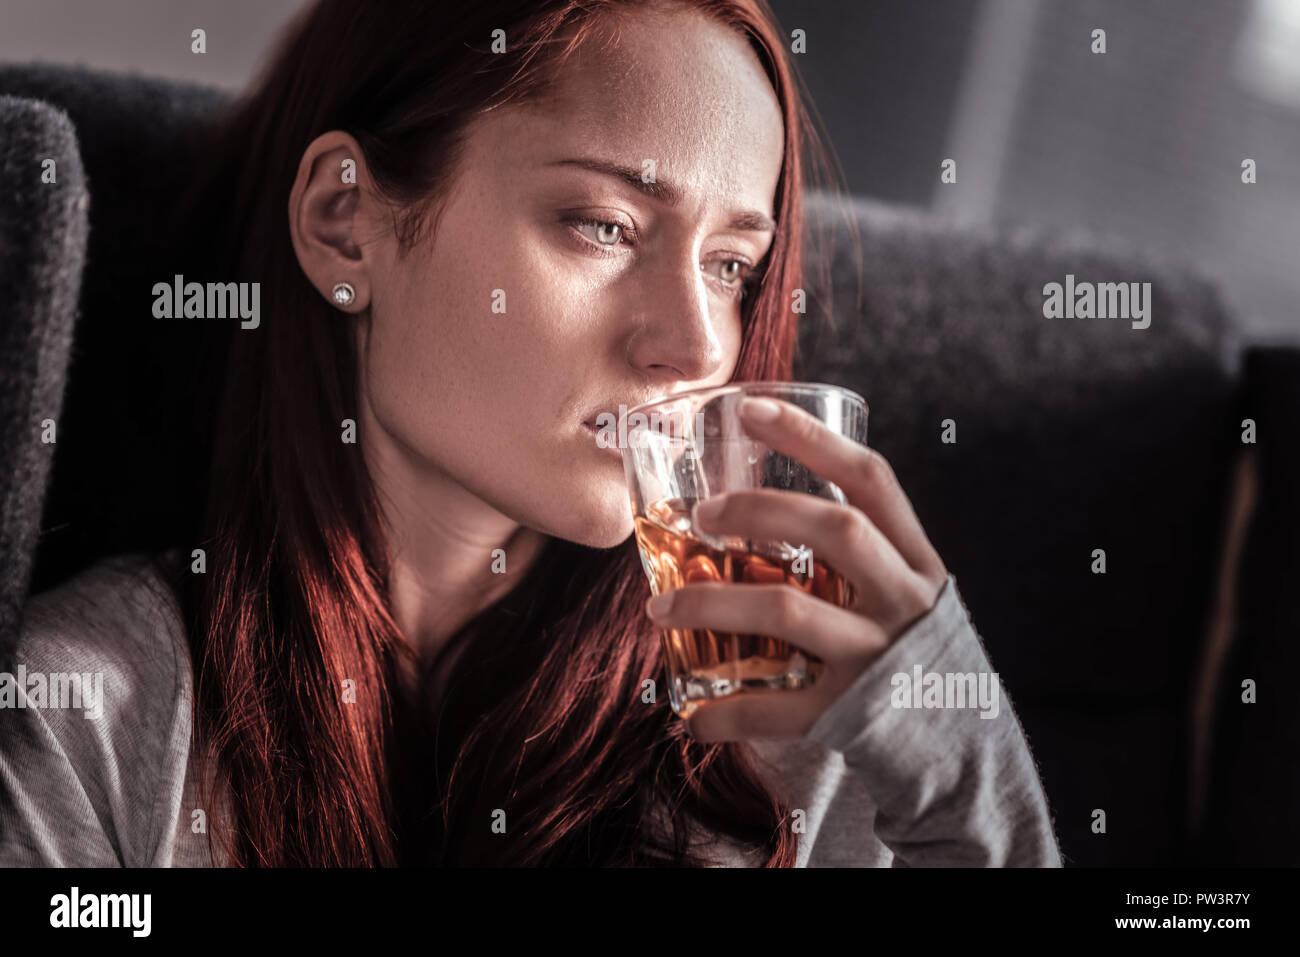 Premuto infelice donna con alcool dipendenza Immagini Stock